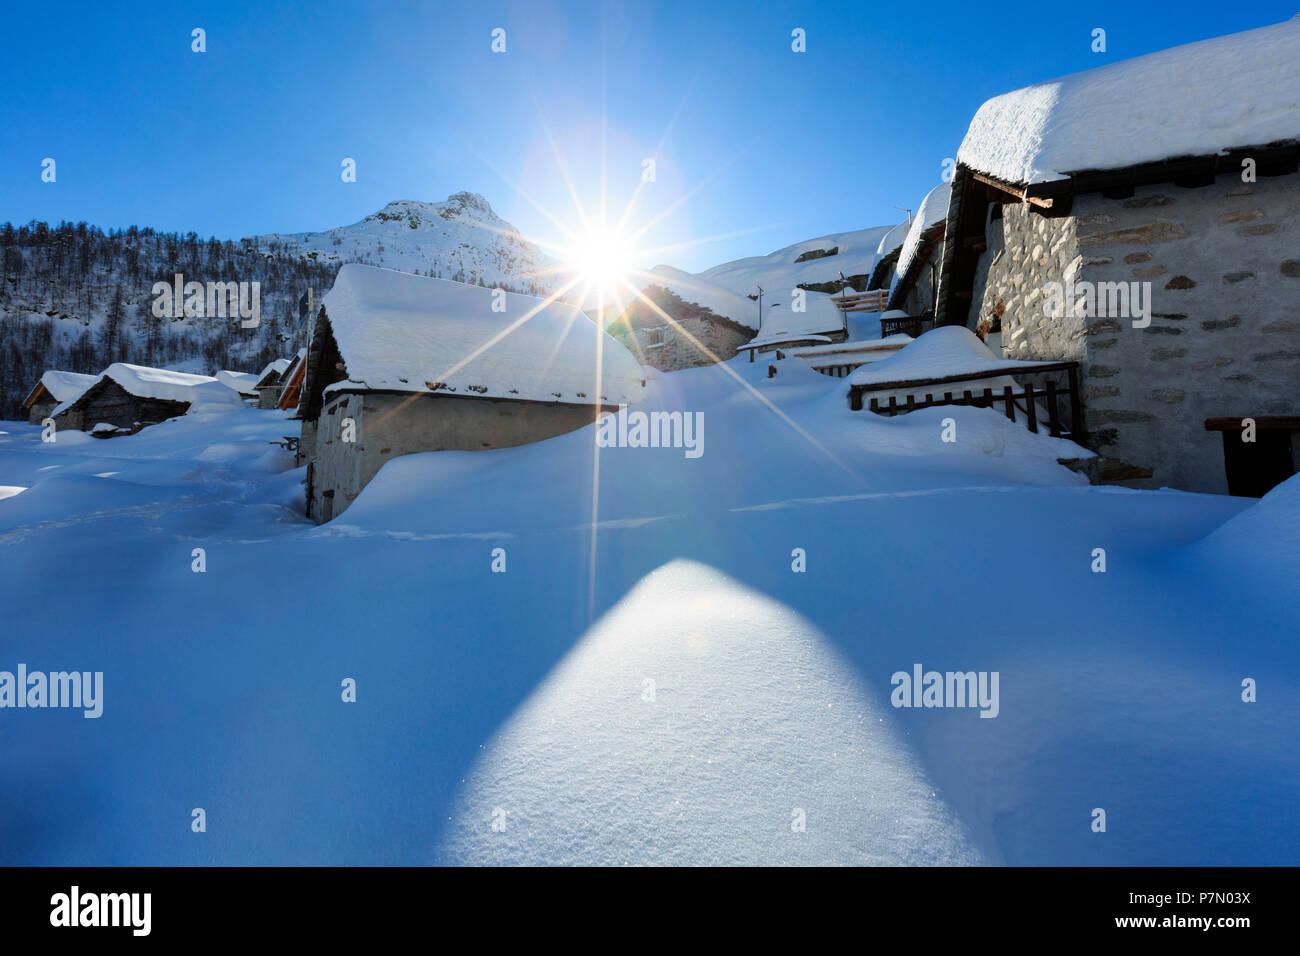 Villaggio alpino di Lendine in inverno, Olmo, Valle Spluga, provincia di Sondrio, Lombardia, Italia, Europa Foto Stock